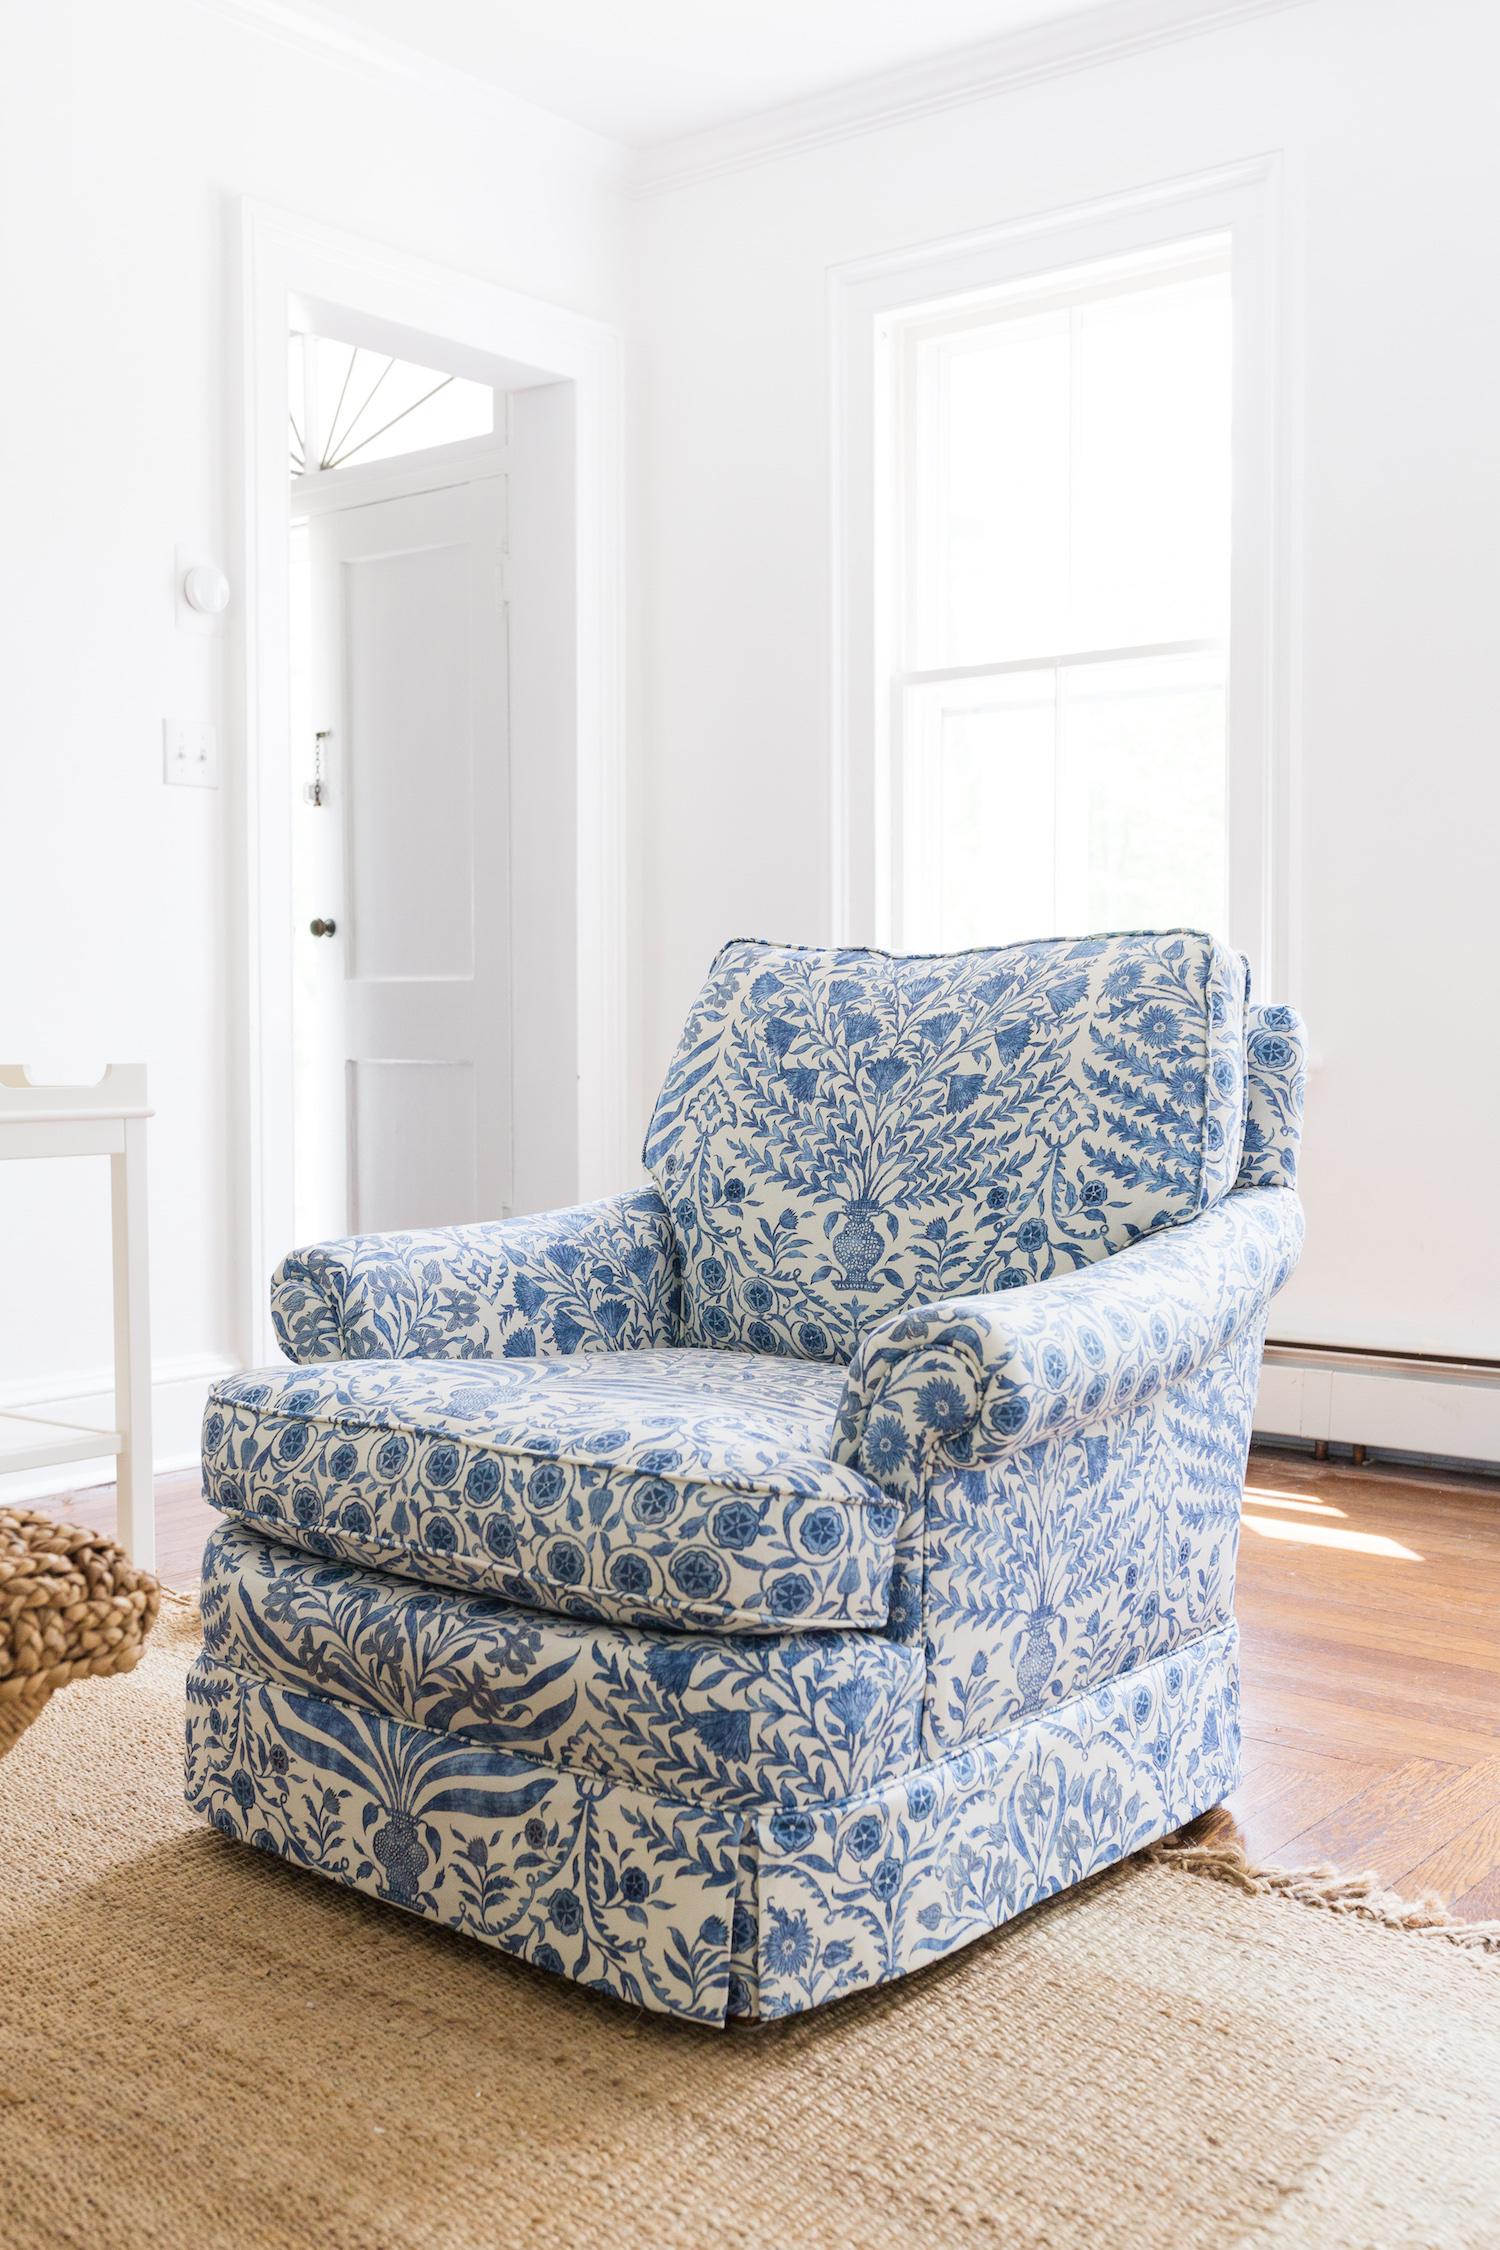 lee jofa sameera fabric in blue:indigo on armchair